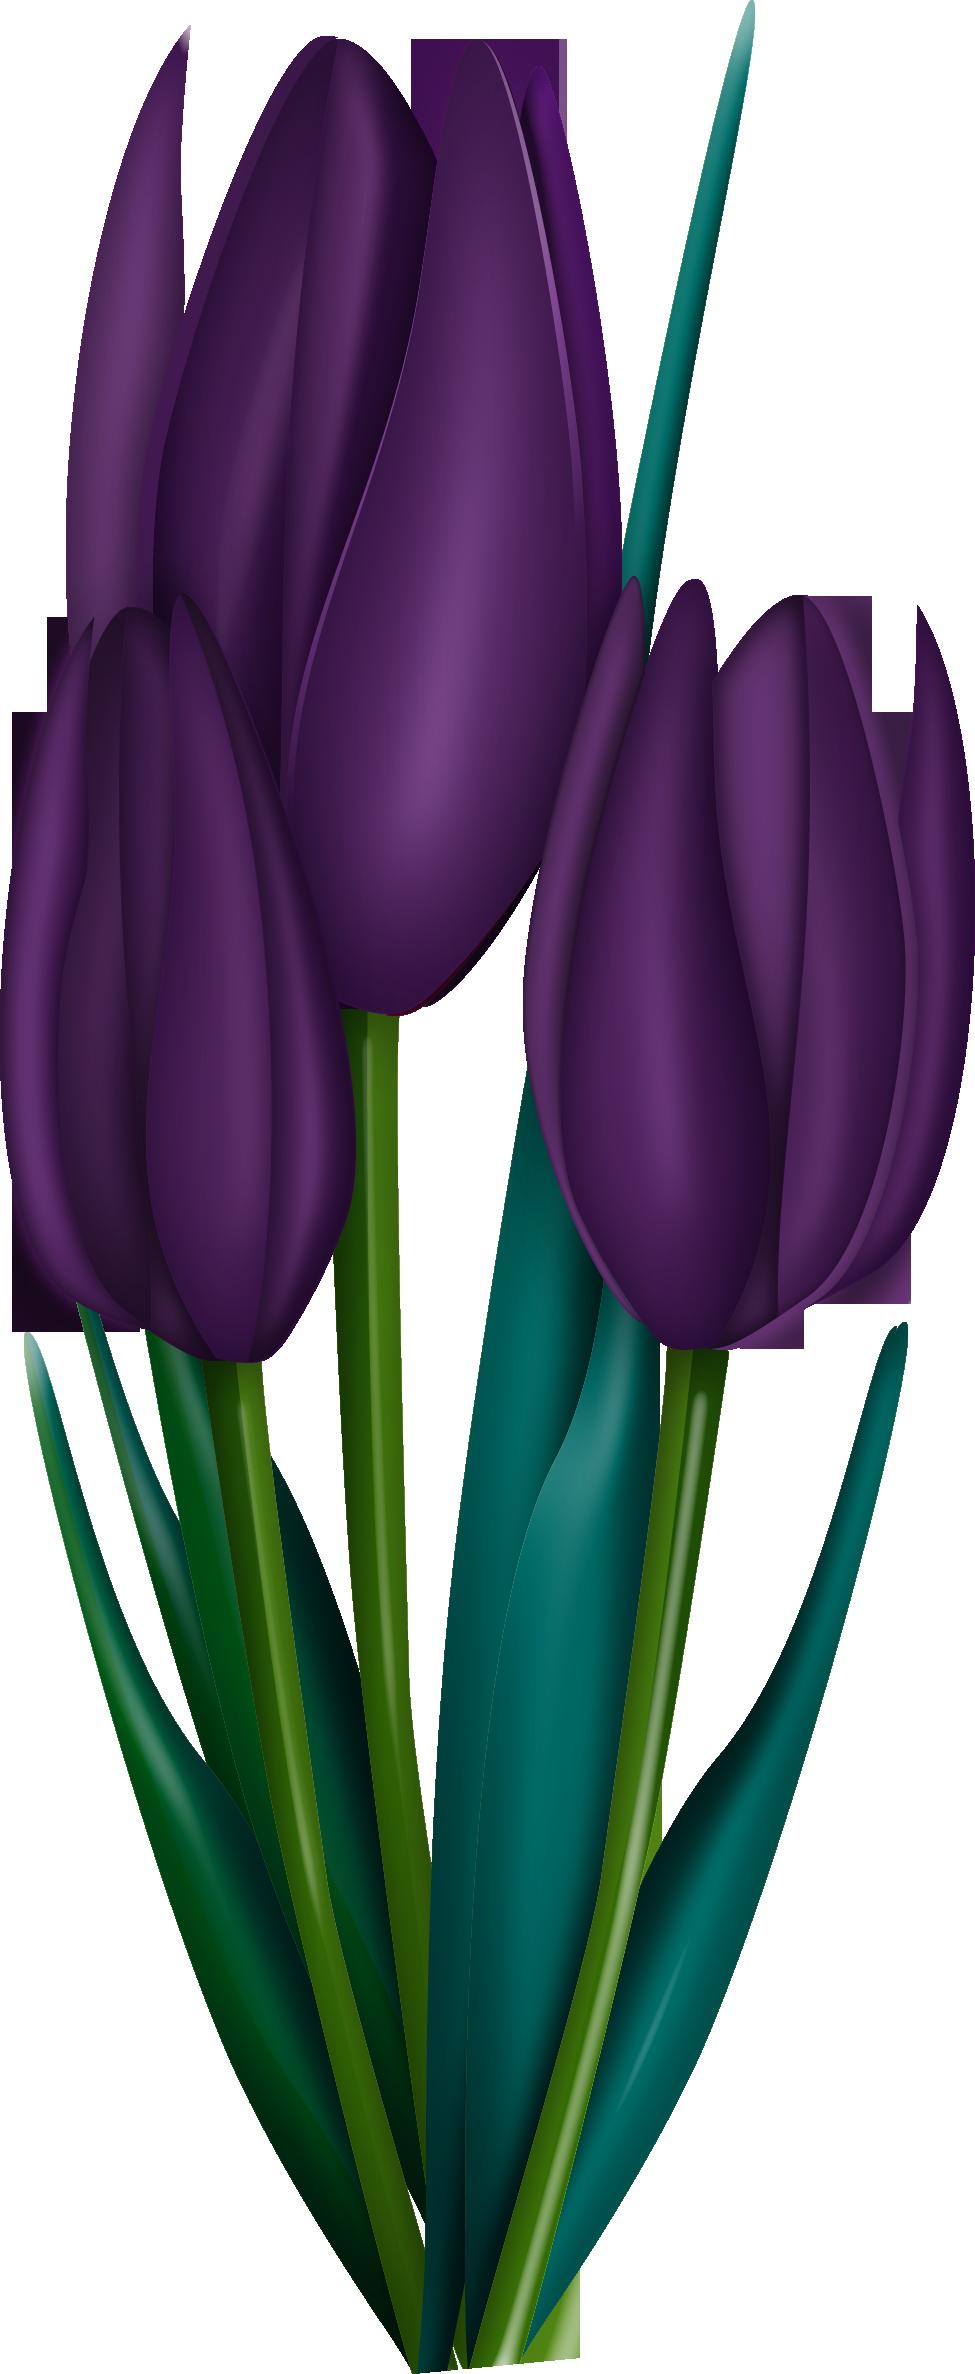 e cdbddc orig. Poppy clipart solid flower